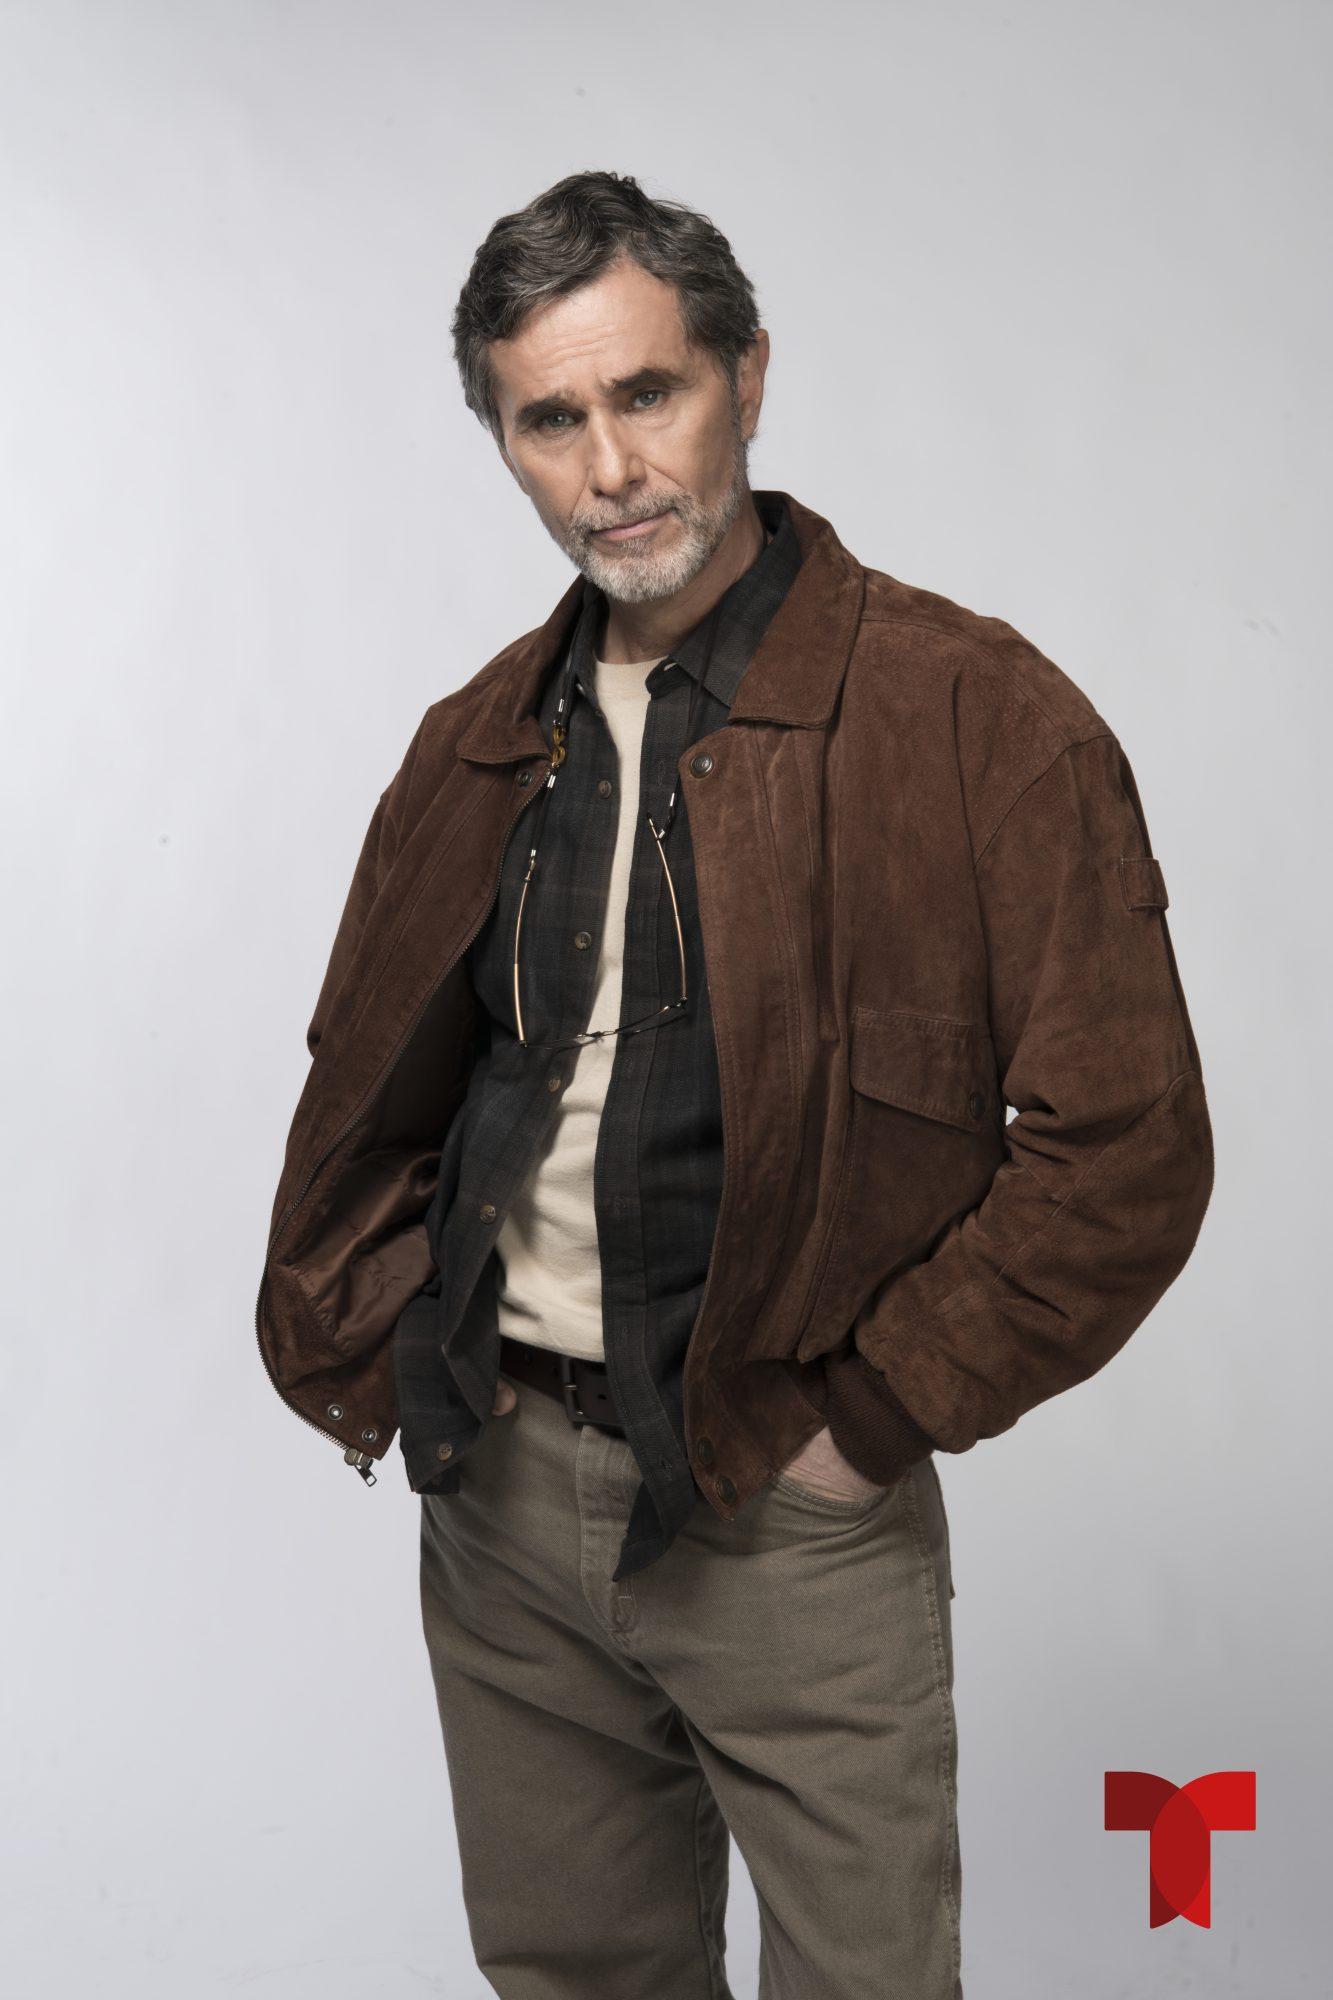 Humberto Zurita (Ramiro)